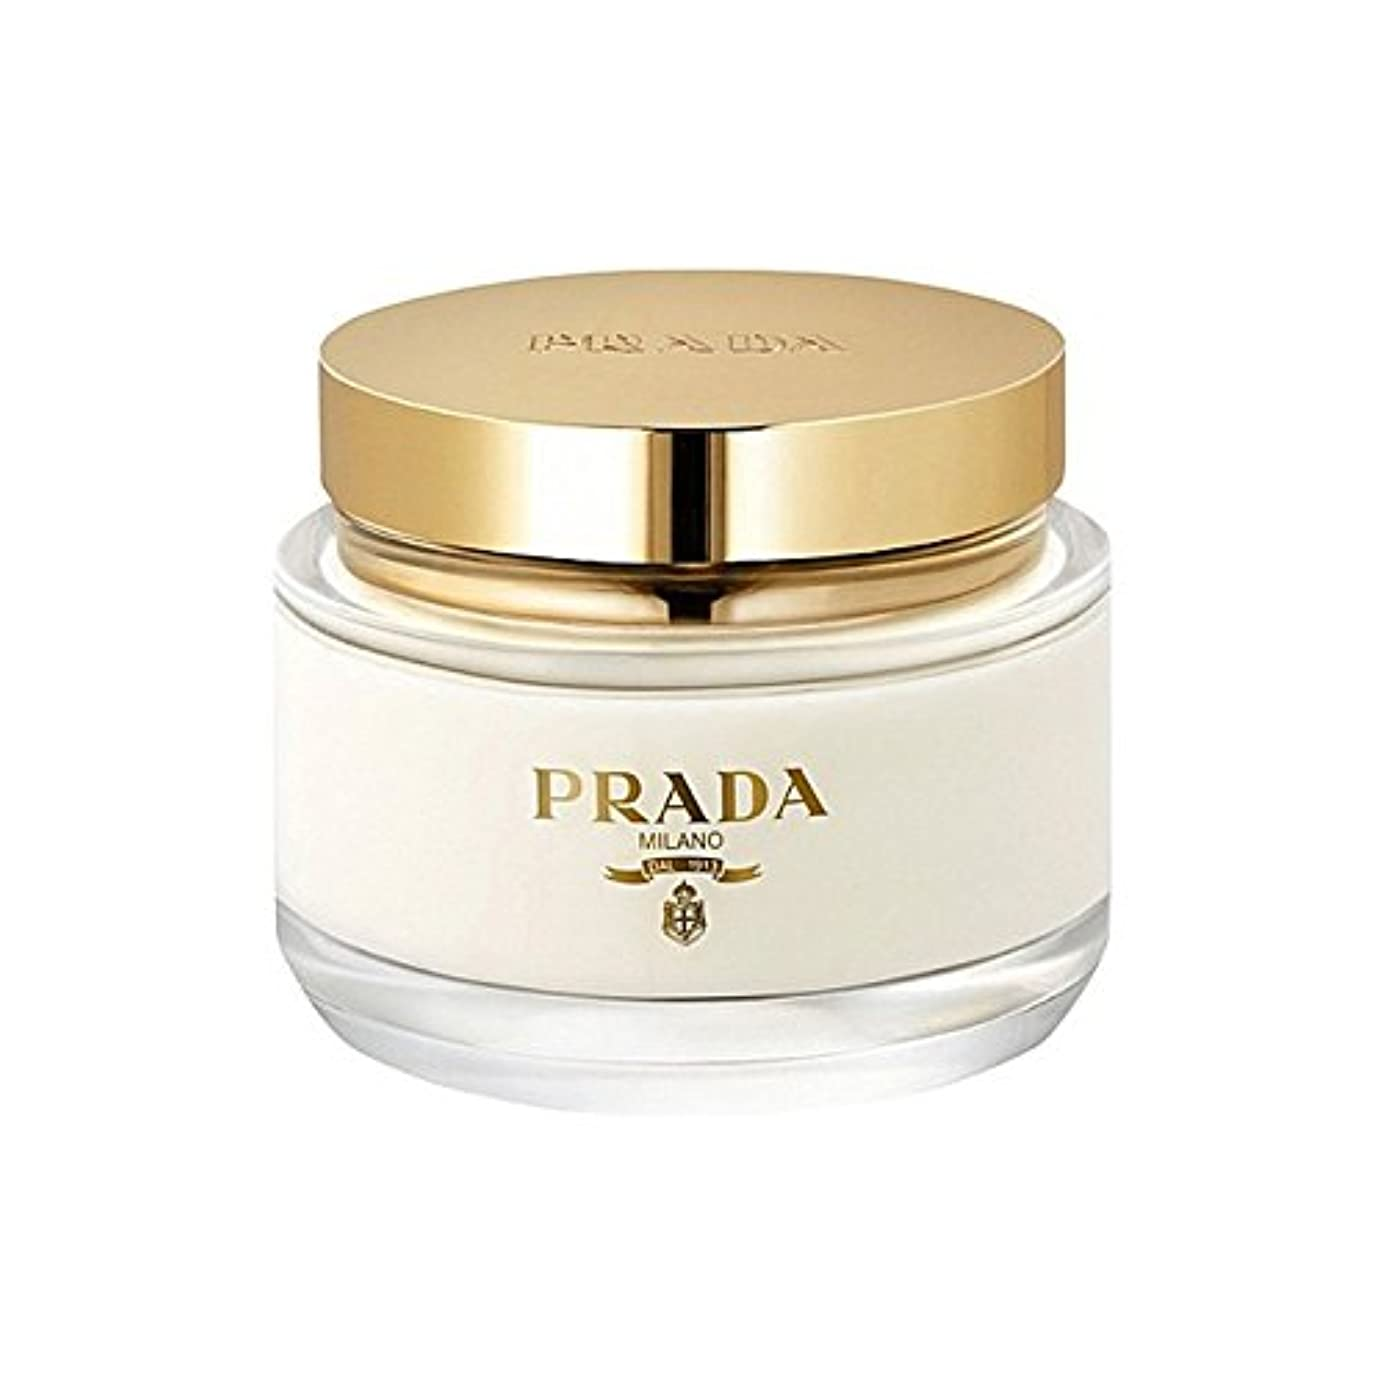 プラダラファムボディクリーム200ミリリットル x4 - Prada La Femme Body Cream 200ml (Pack of 4) [並行輸入品]